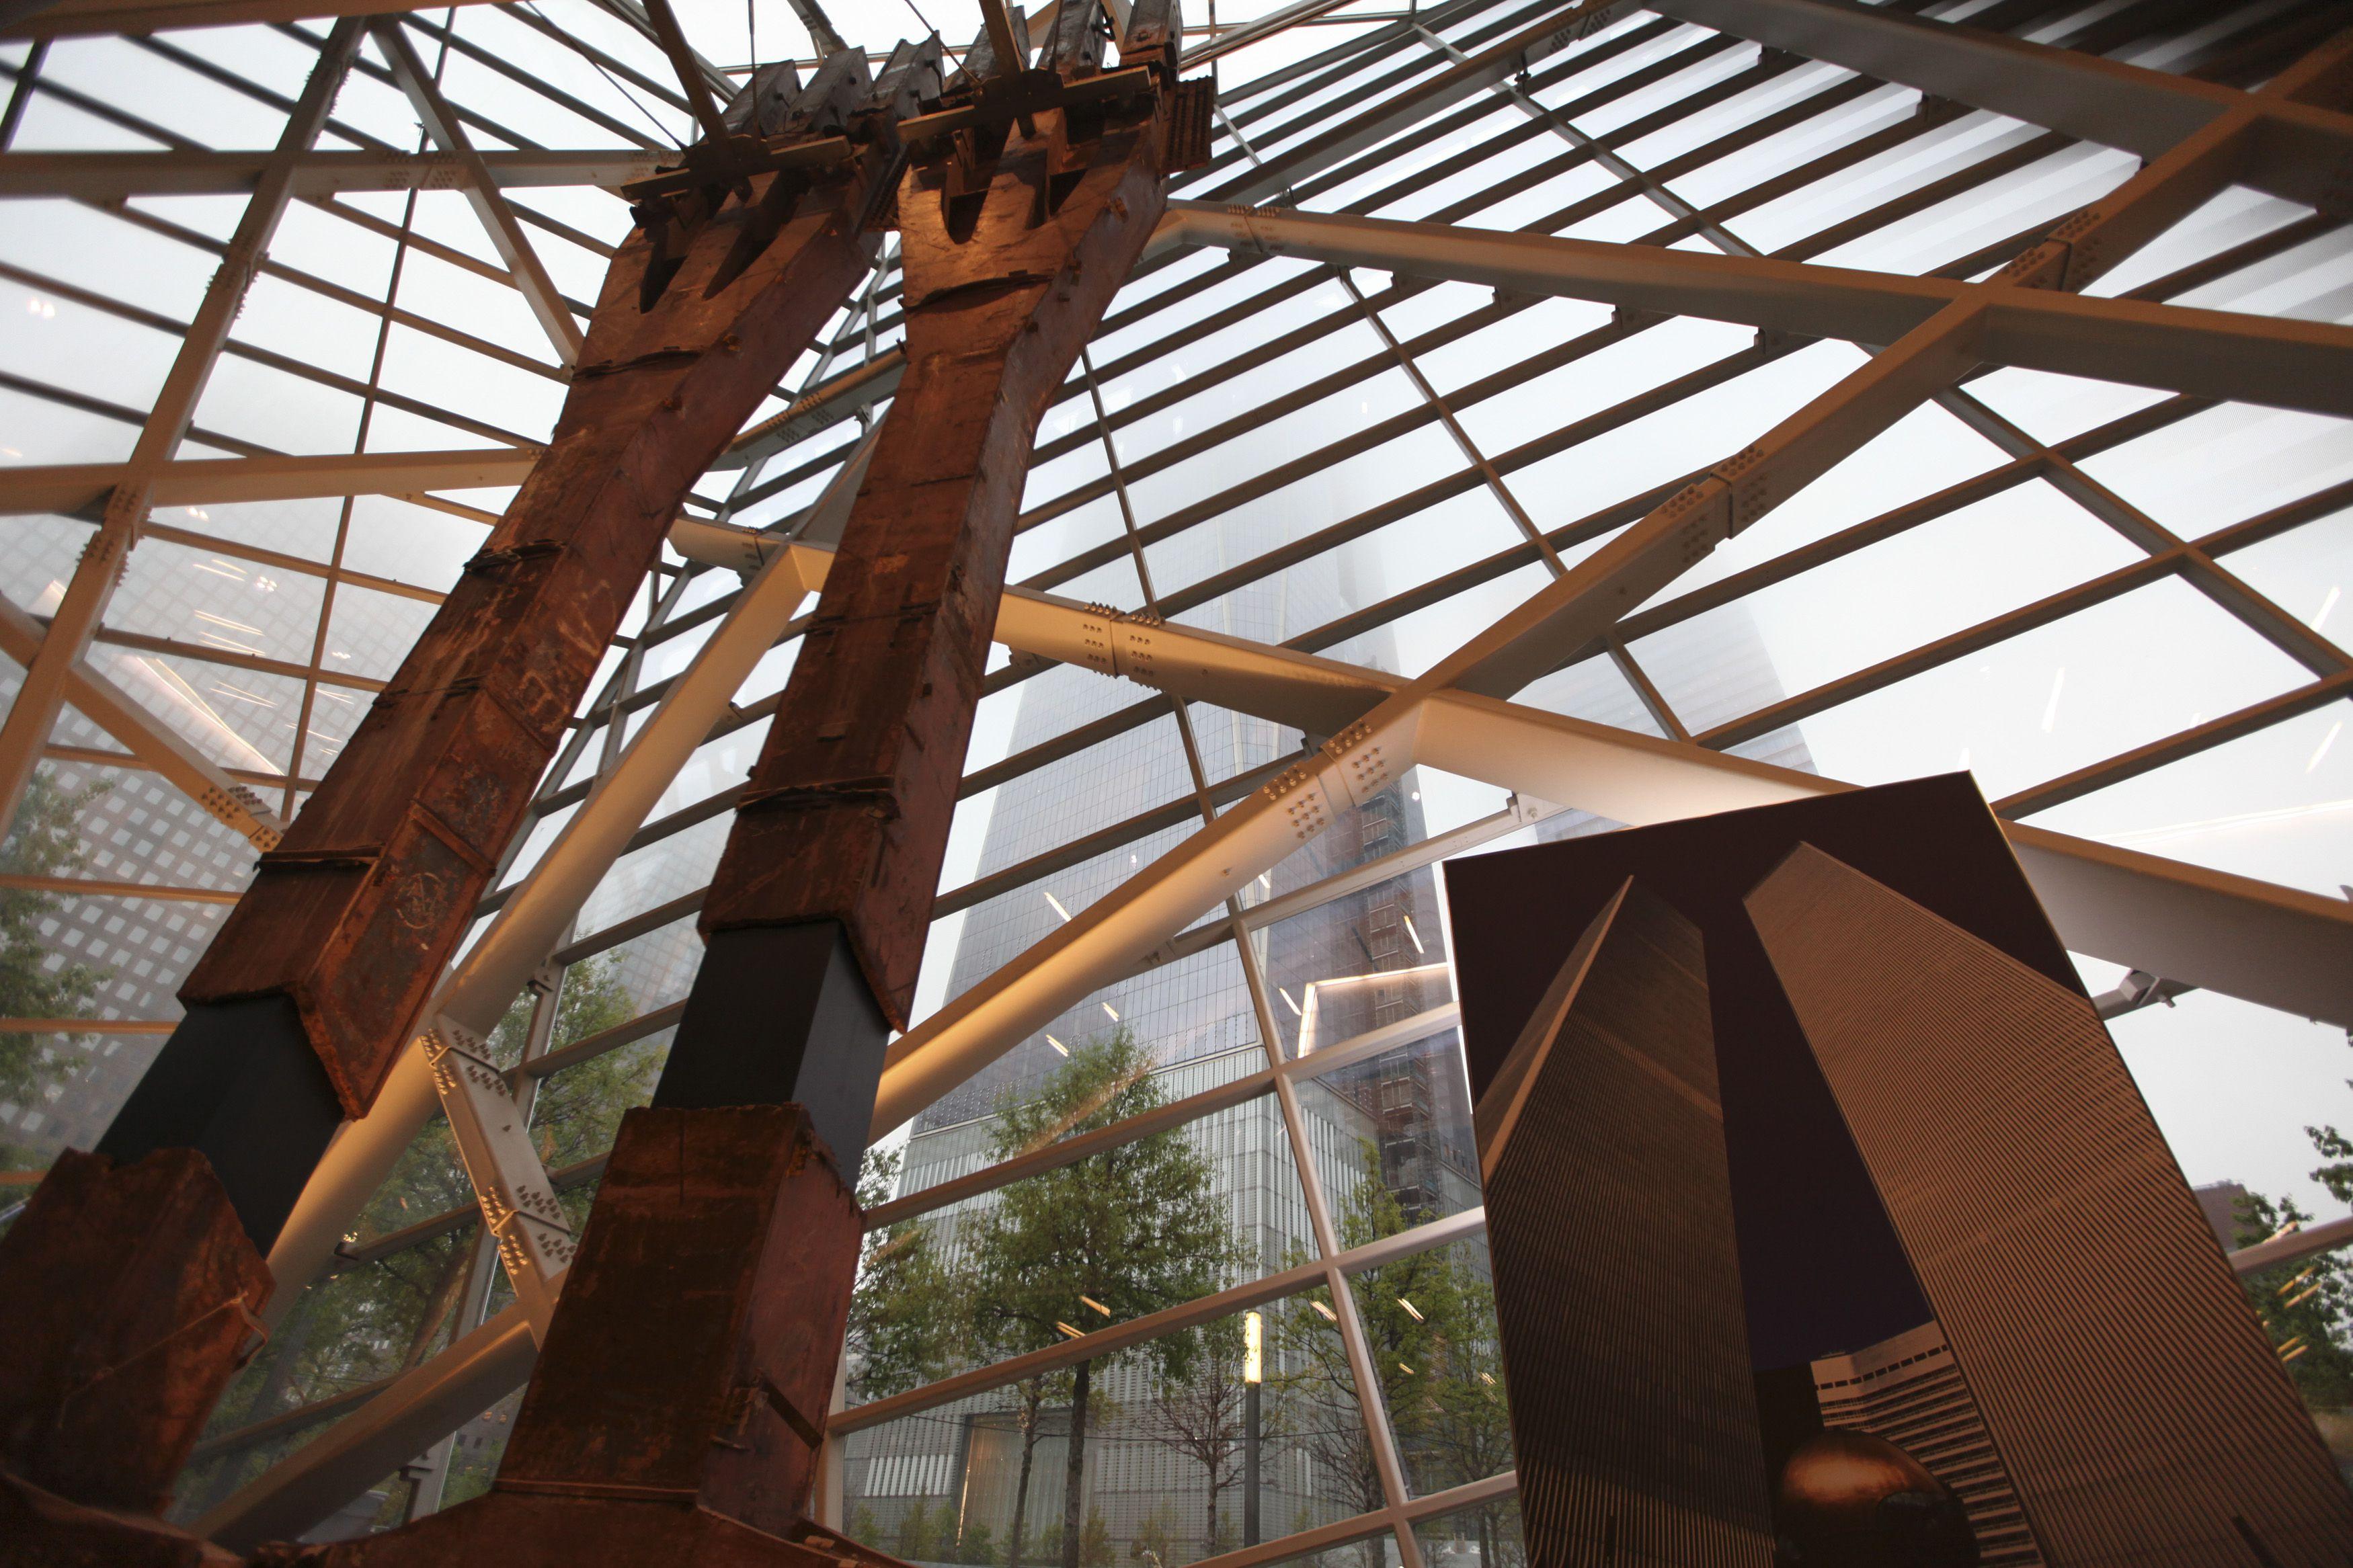 tridents des détruites de récupération des tours jumelles sont bien en vue à l'entrée du Musée National 11 Septembre Memorial